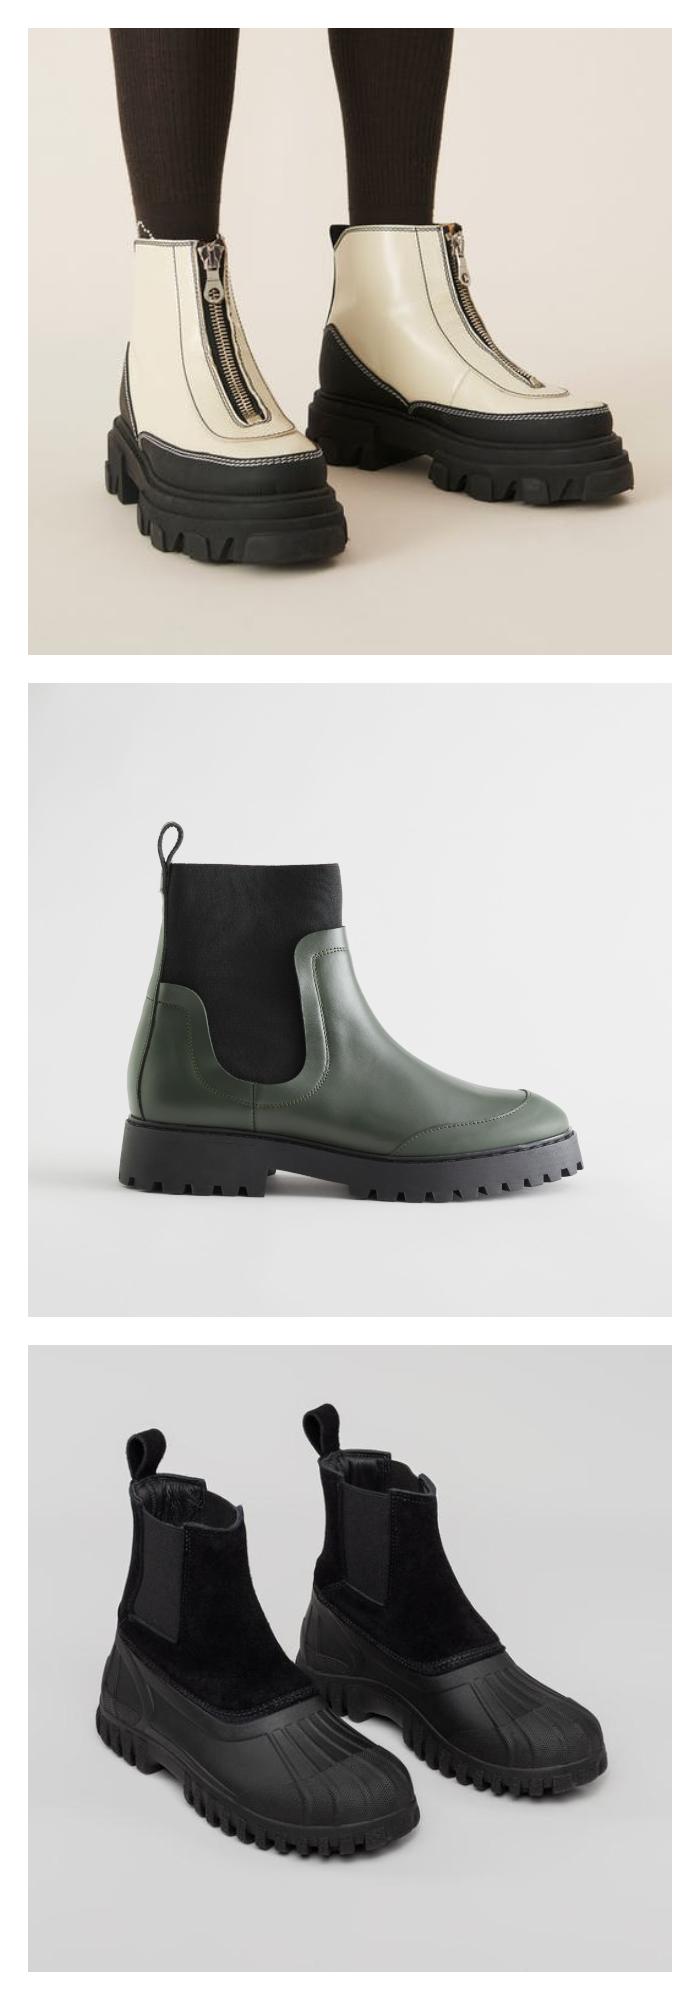 Bilde av hvite, sorte og grønne chunky boots